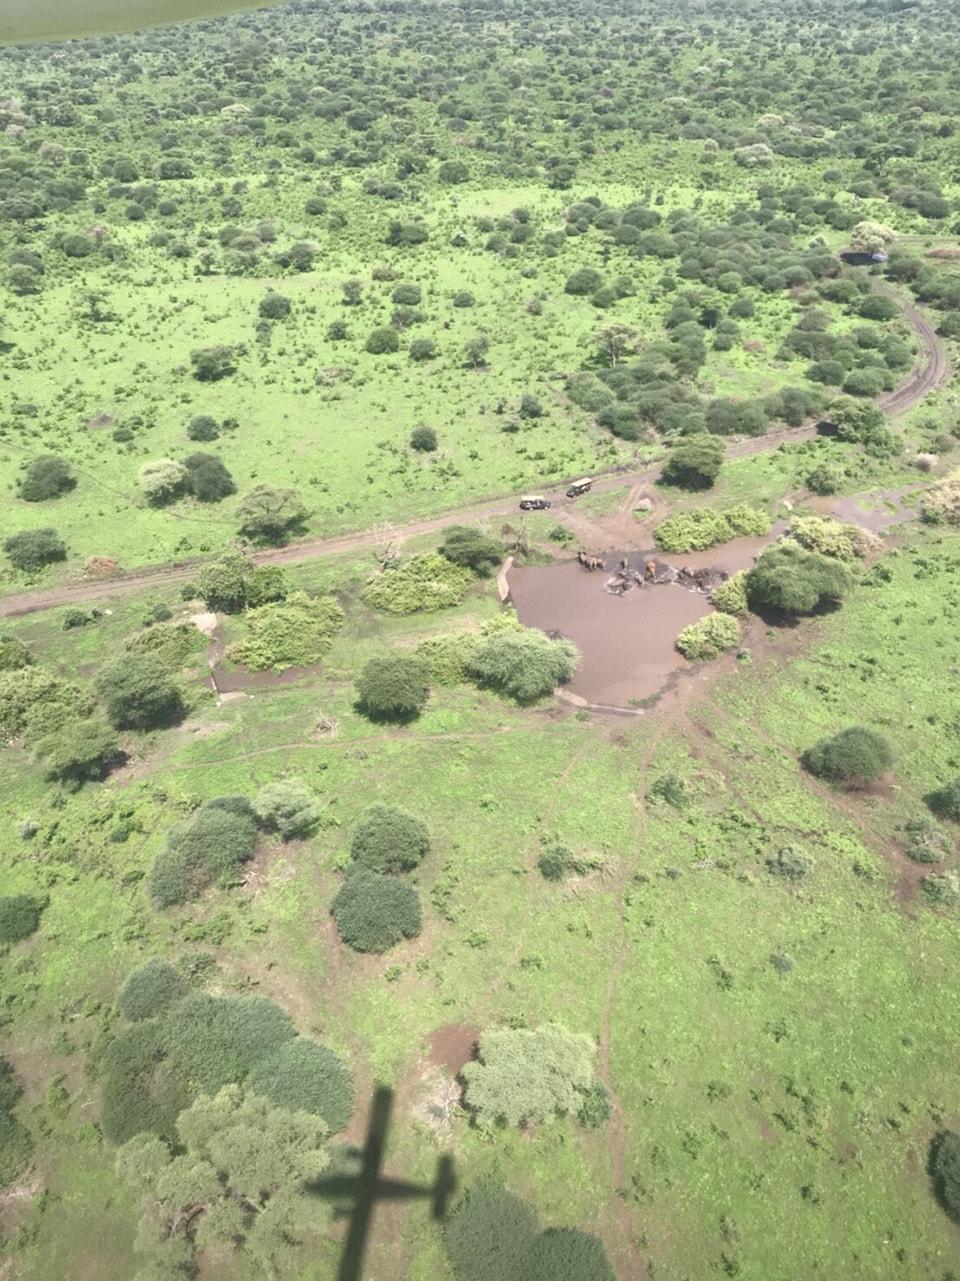 ナイロビから国内線でロイサバに向かう時、上空から撮影。小さな飛行機の影とともに、ゾウの水浴びの様子を眺めることができました。